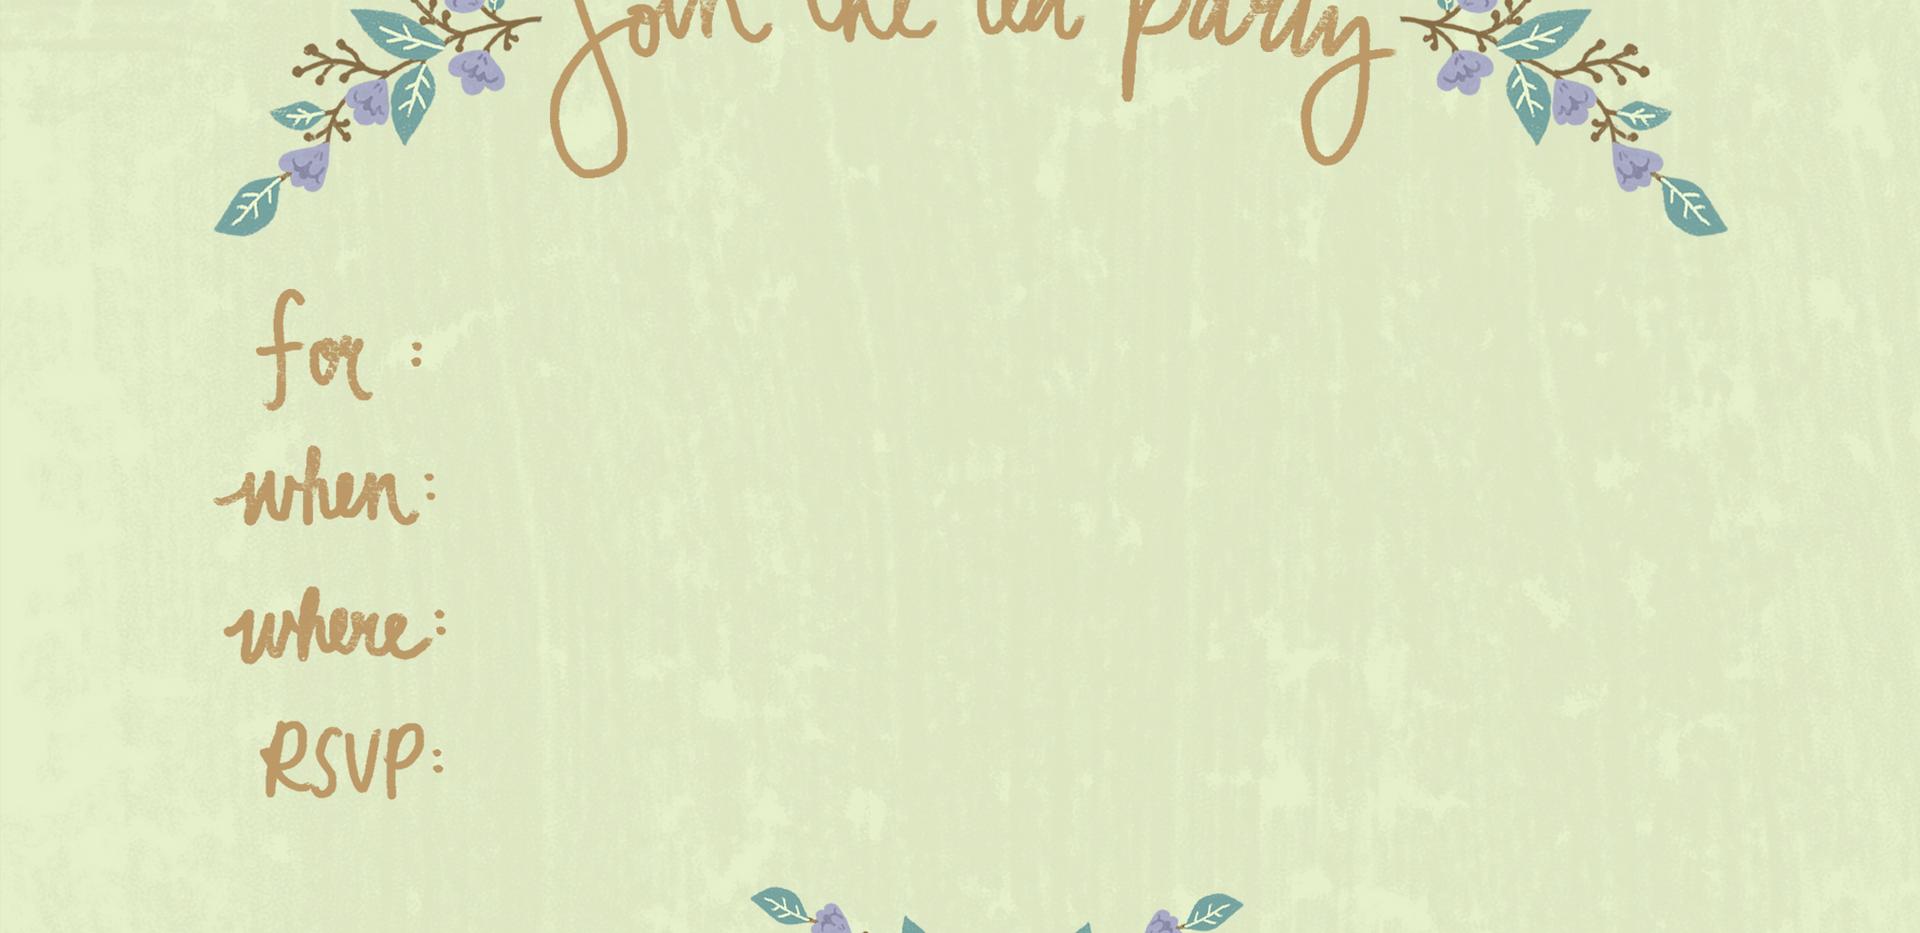 Provence Tea Party Invite